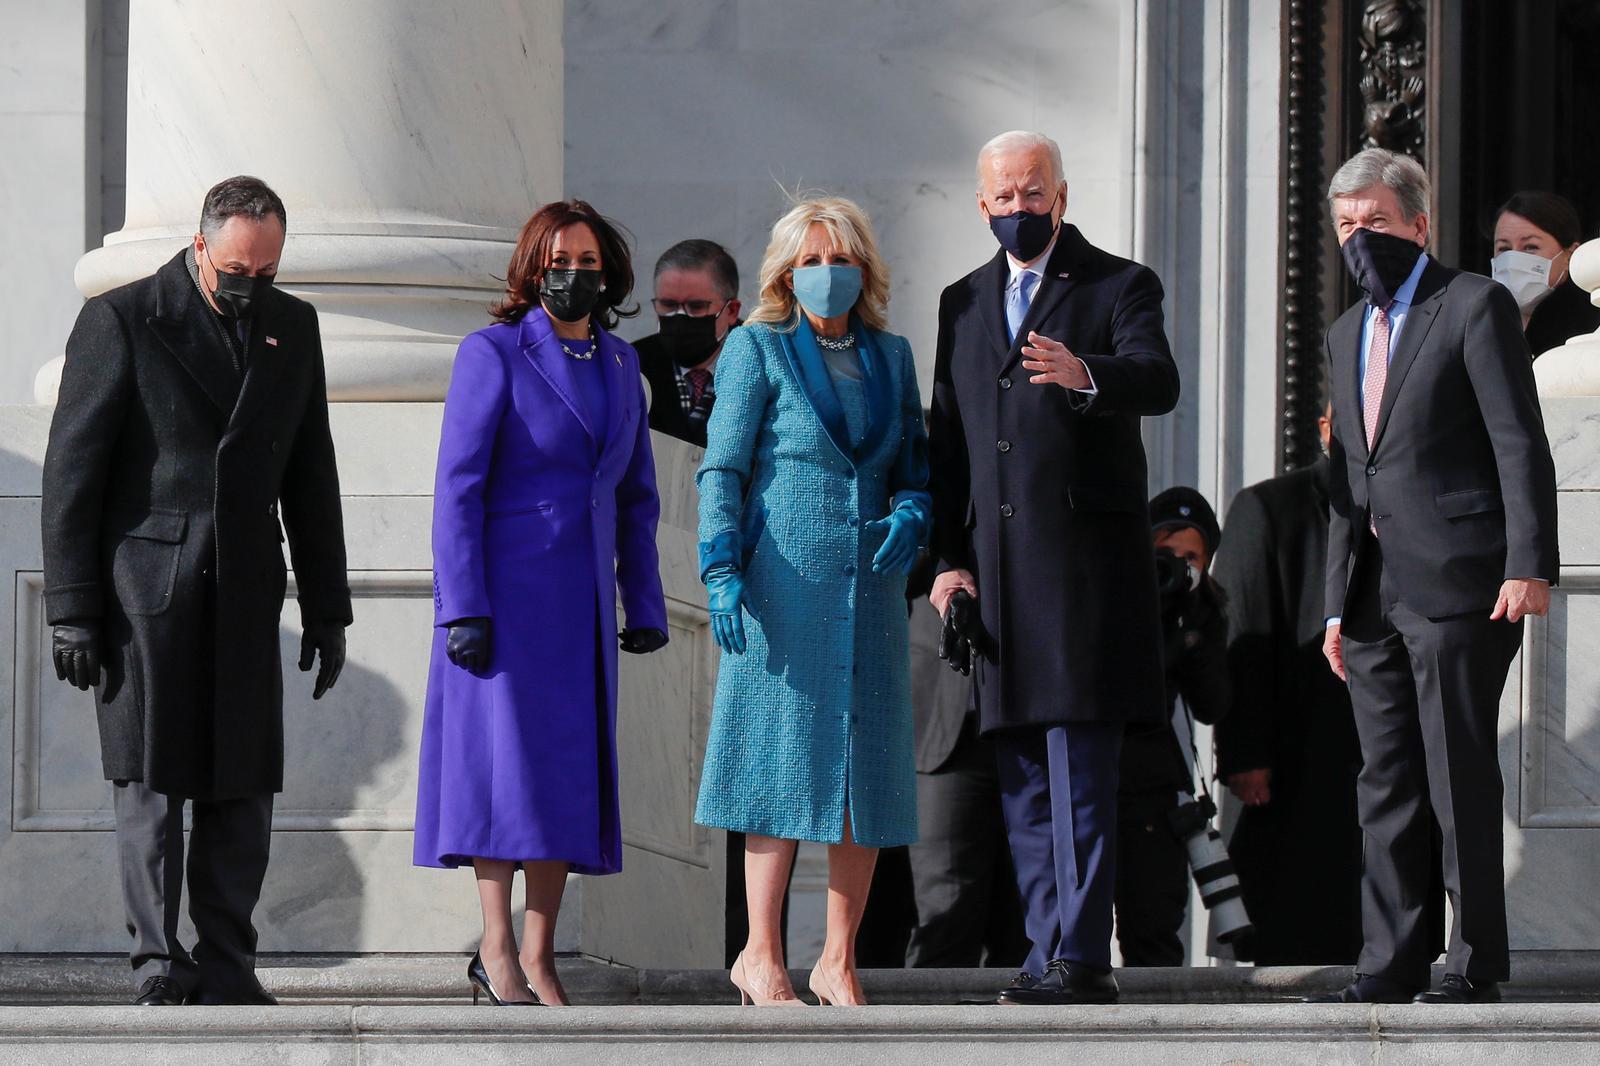 EE.UU.: Joe Biden asume la presidencia; Donald Trump se despide indultando a Steve Bannon, Kodak Black y Lil Wayne